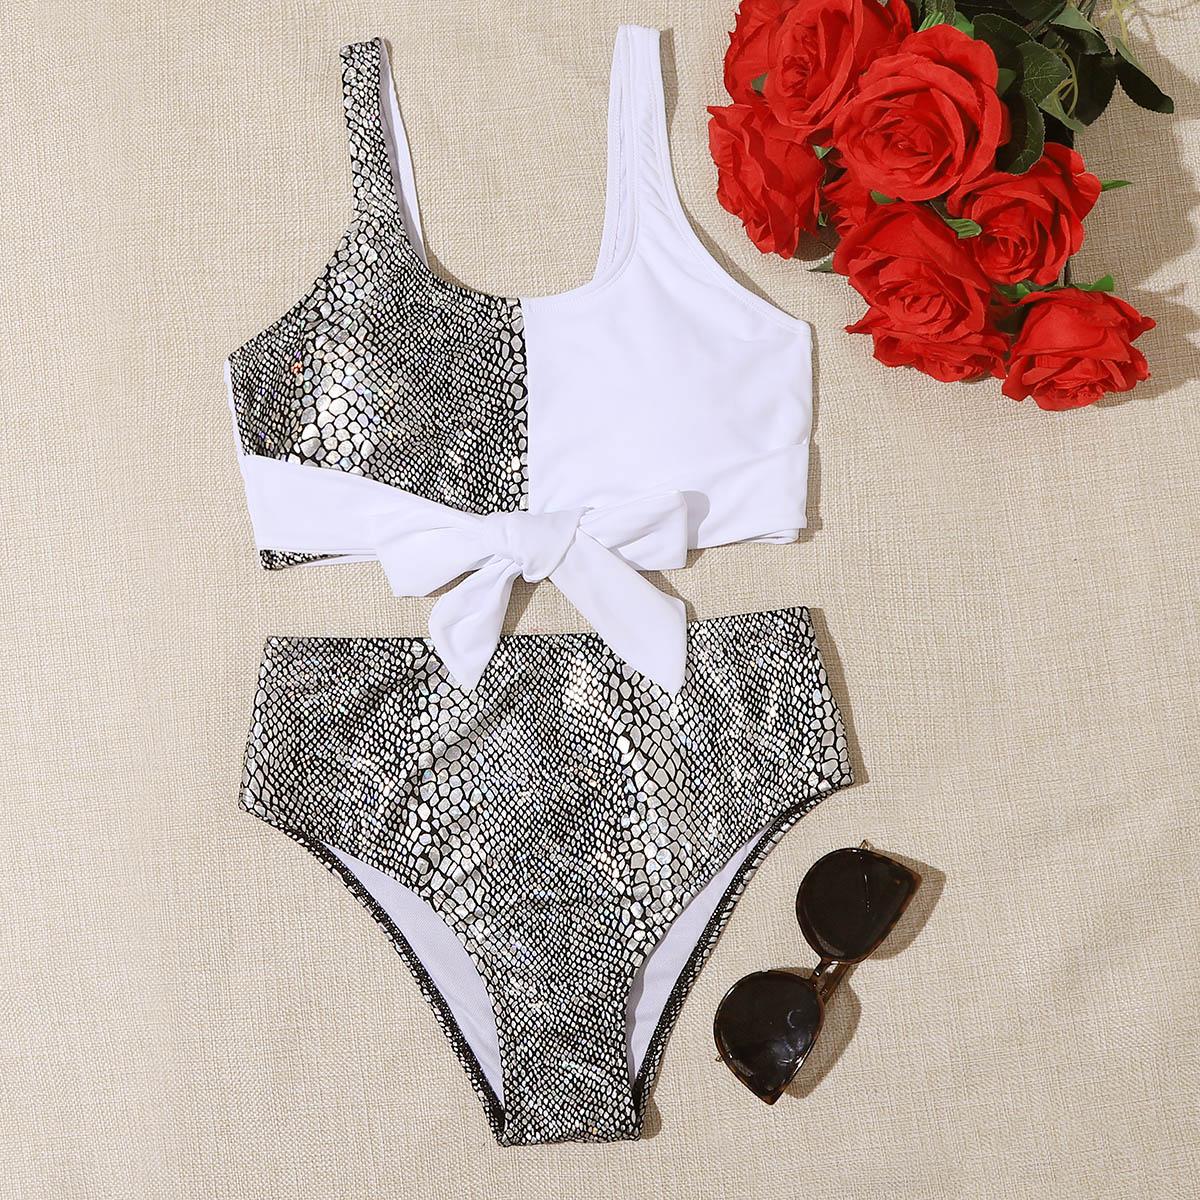 SHEIN / Bikini Badeanzug mit Krokodil Muster und Knoten vorn